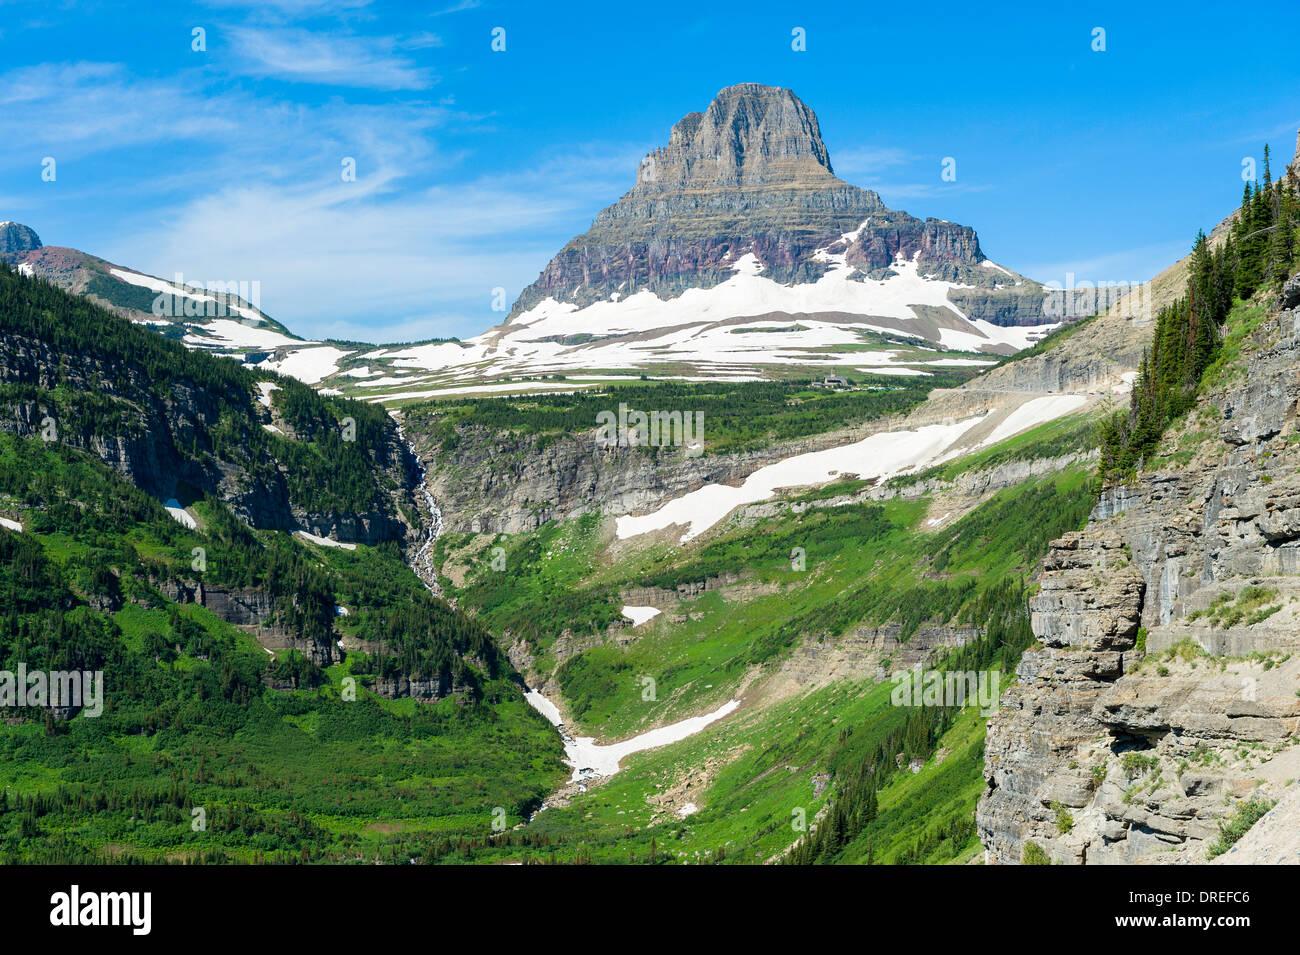 Vista de Clements montaña de 'ir-a-la-sol' carretera construida (1921-1932), el parque nacional de Glacier, Montana, EE.UU. Imagen De Stock